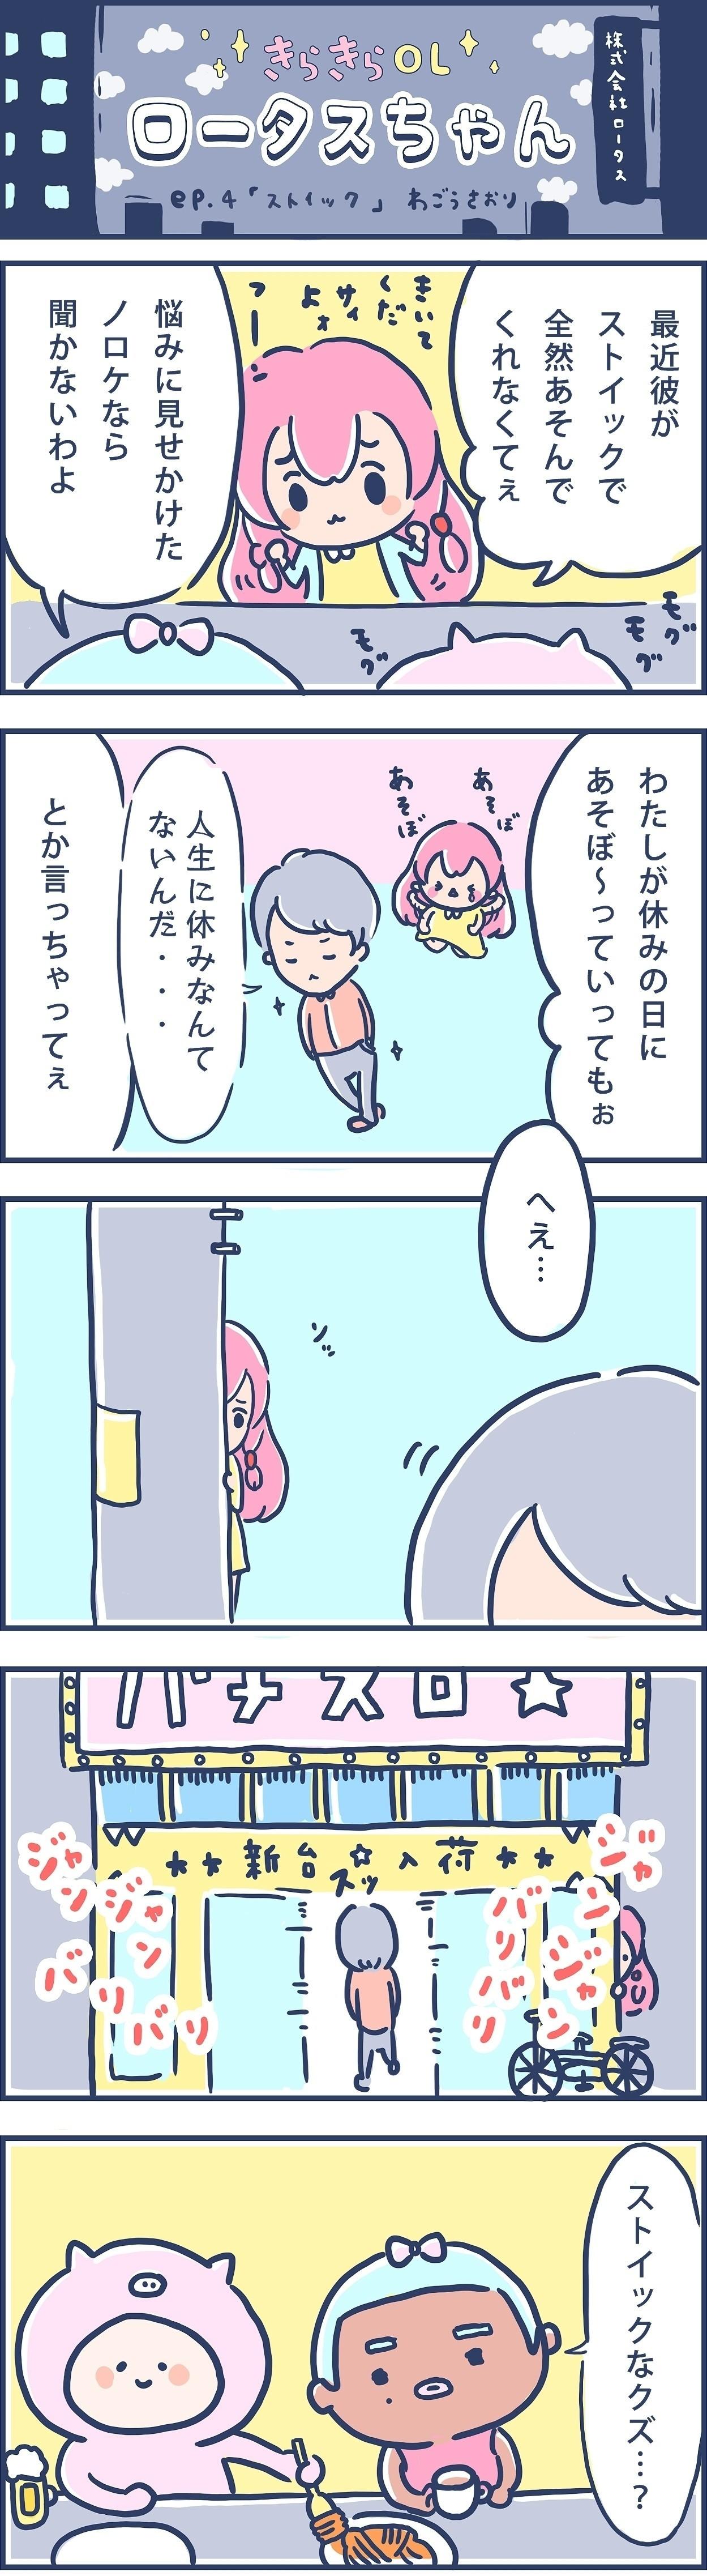 漫画ロータスちゃん-きらきらOLロータスちゃん-わごうさおり-ws11204